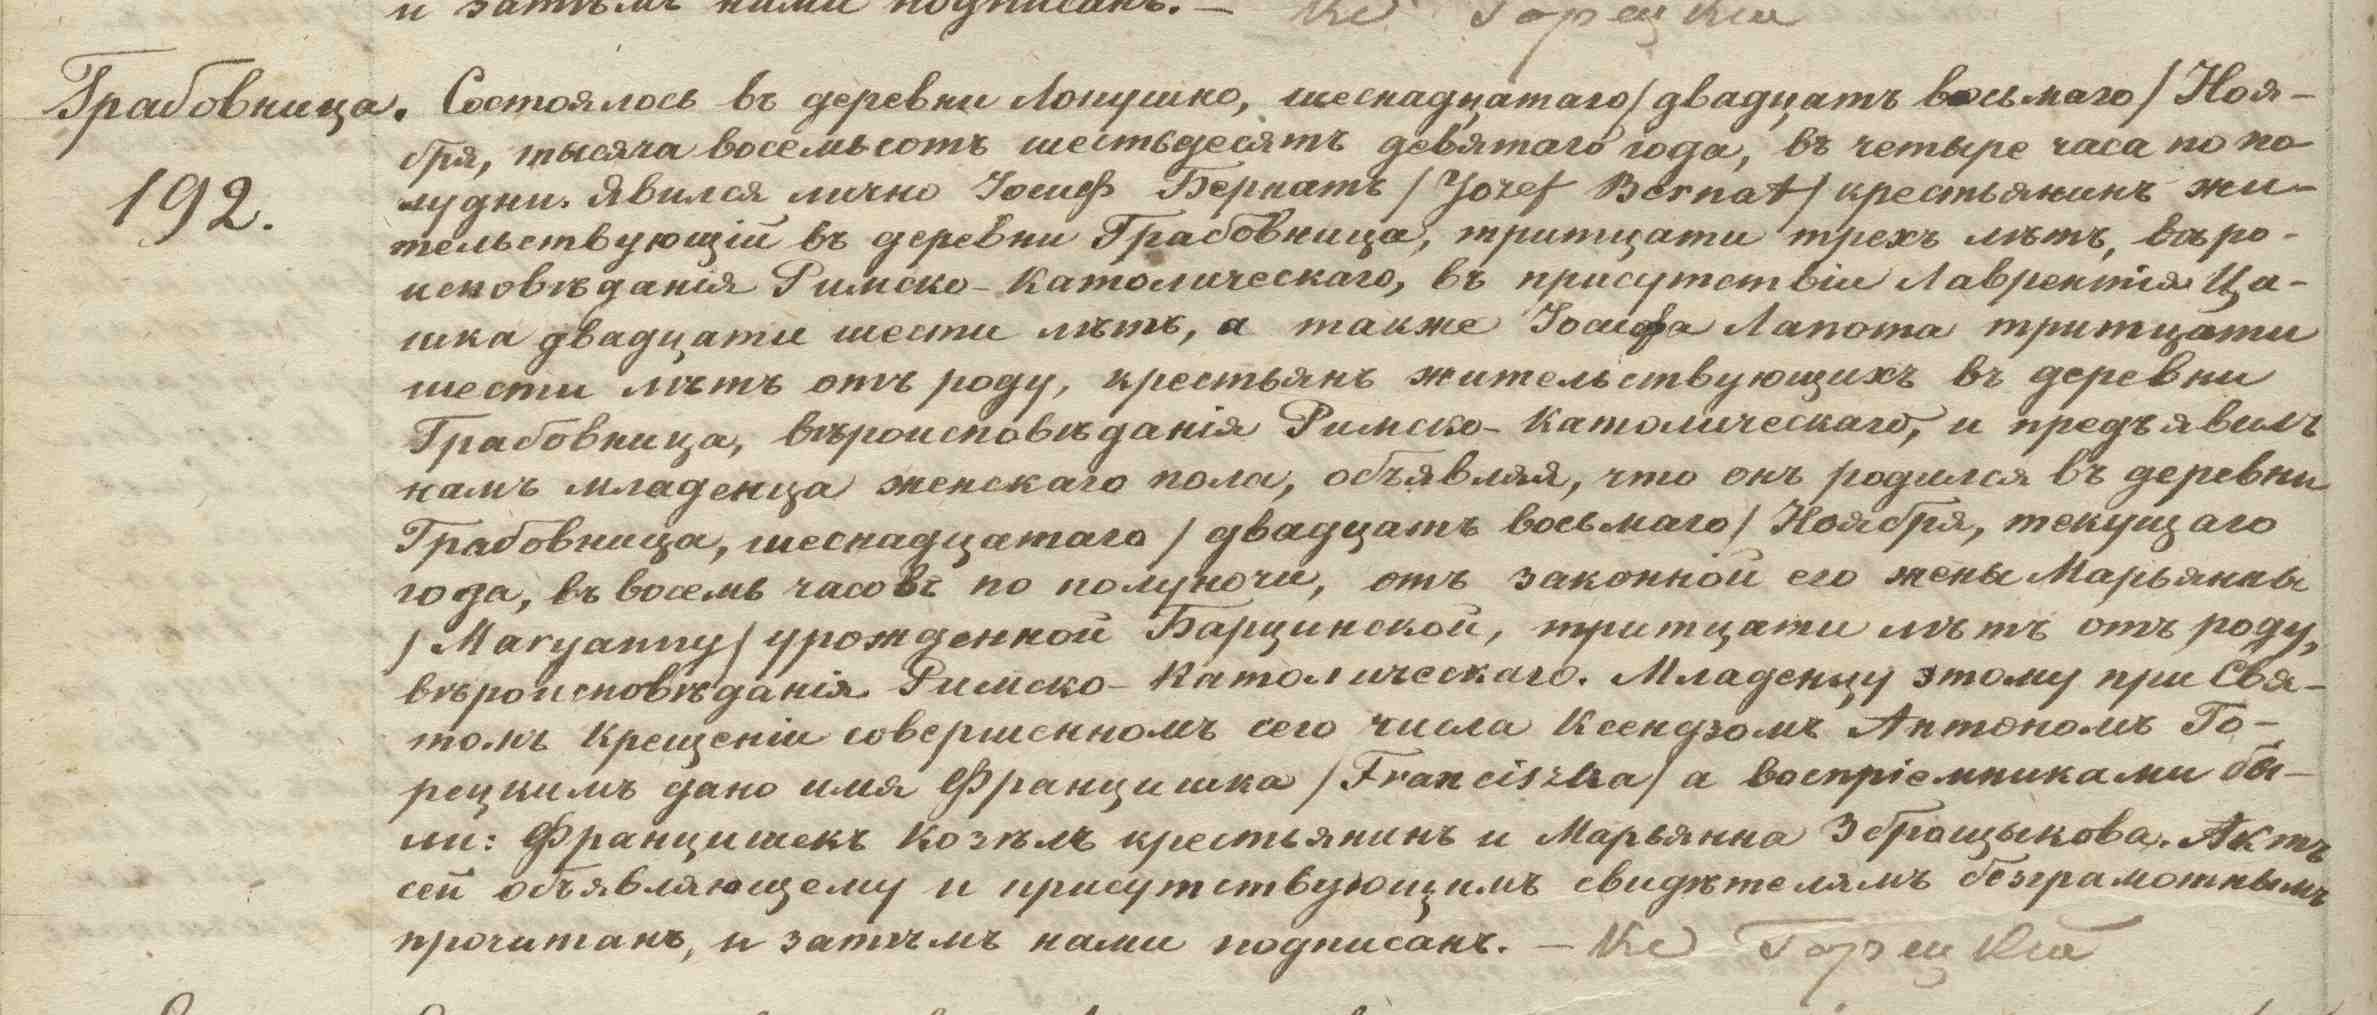 ur franciszka Bernat c Jozefa i Marianny z barczynskich